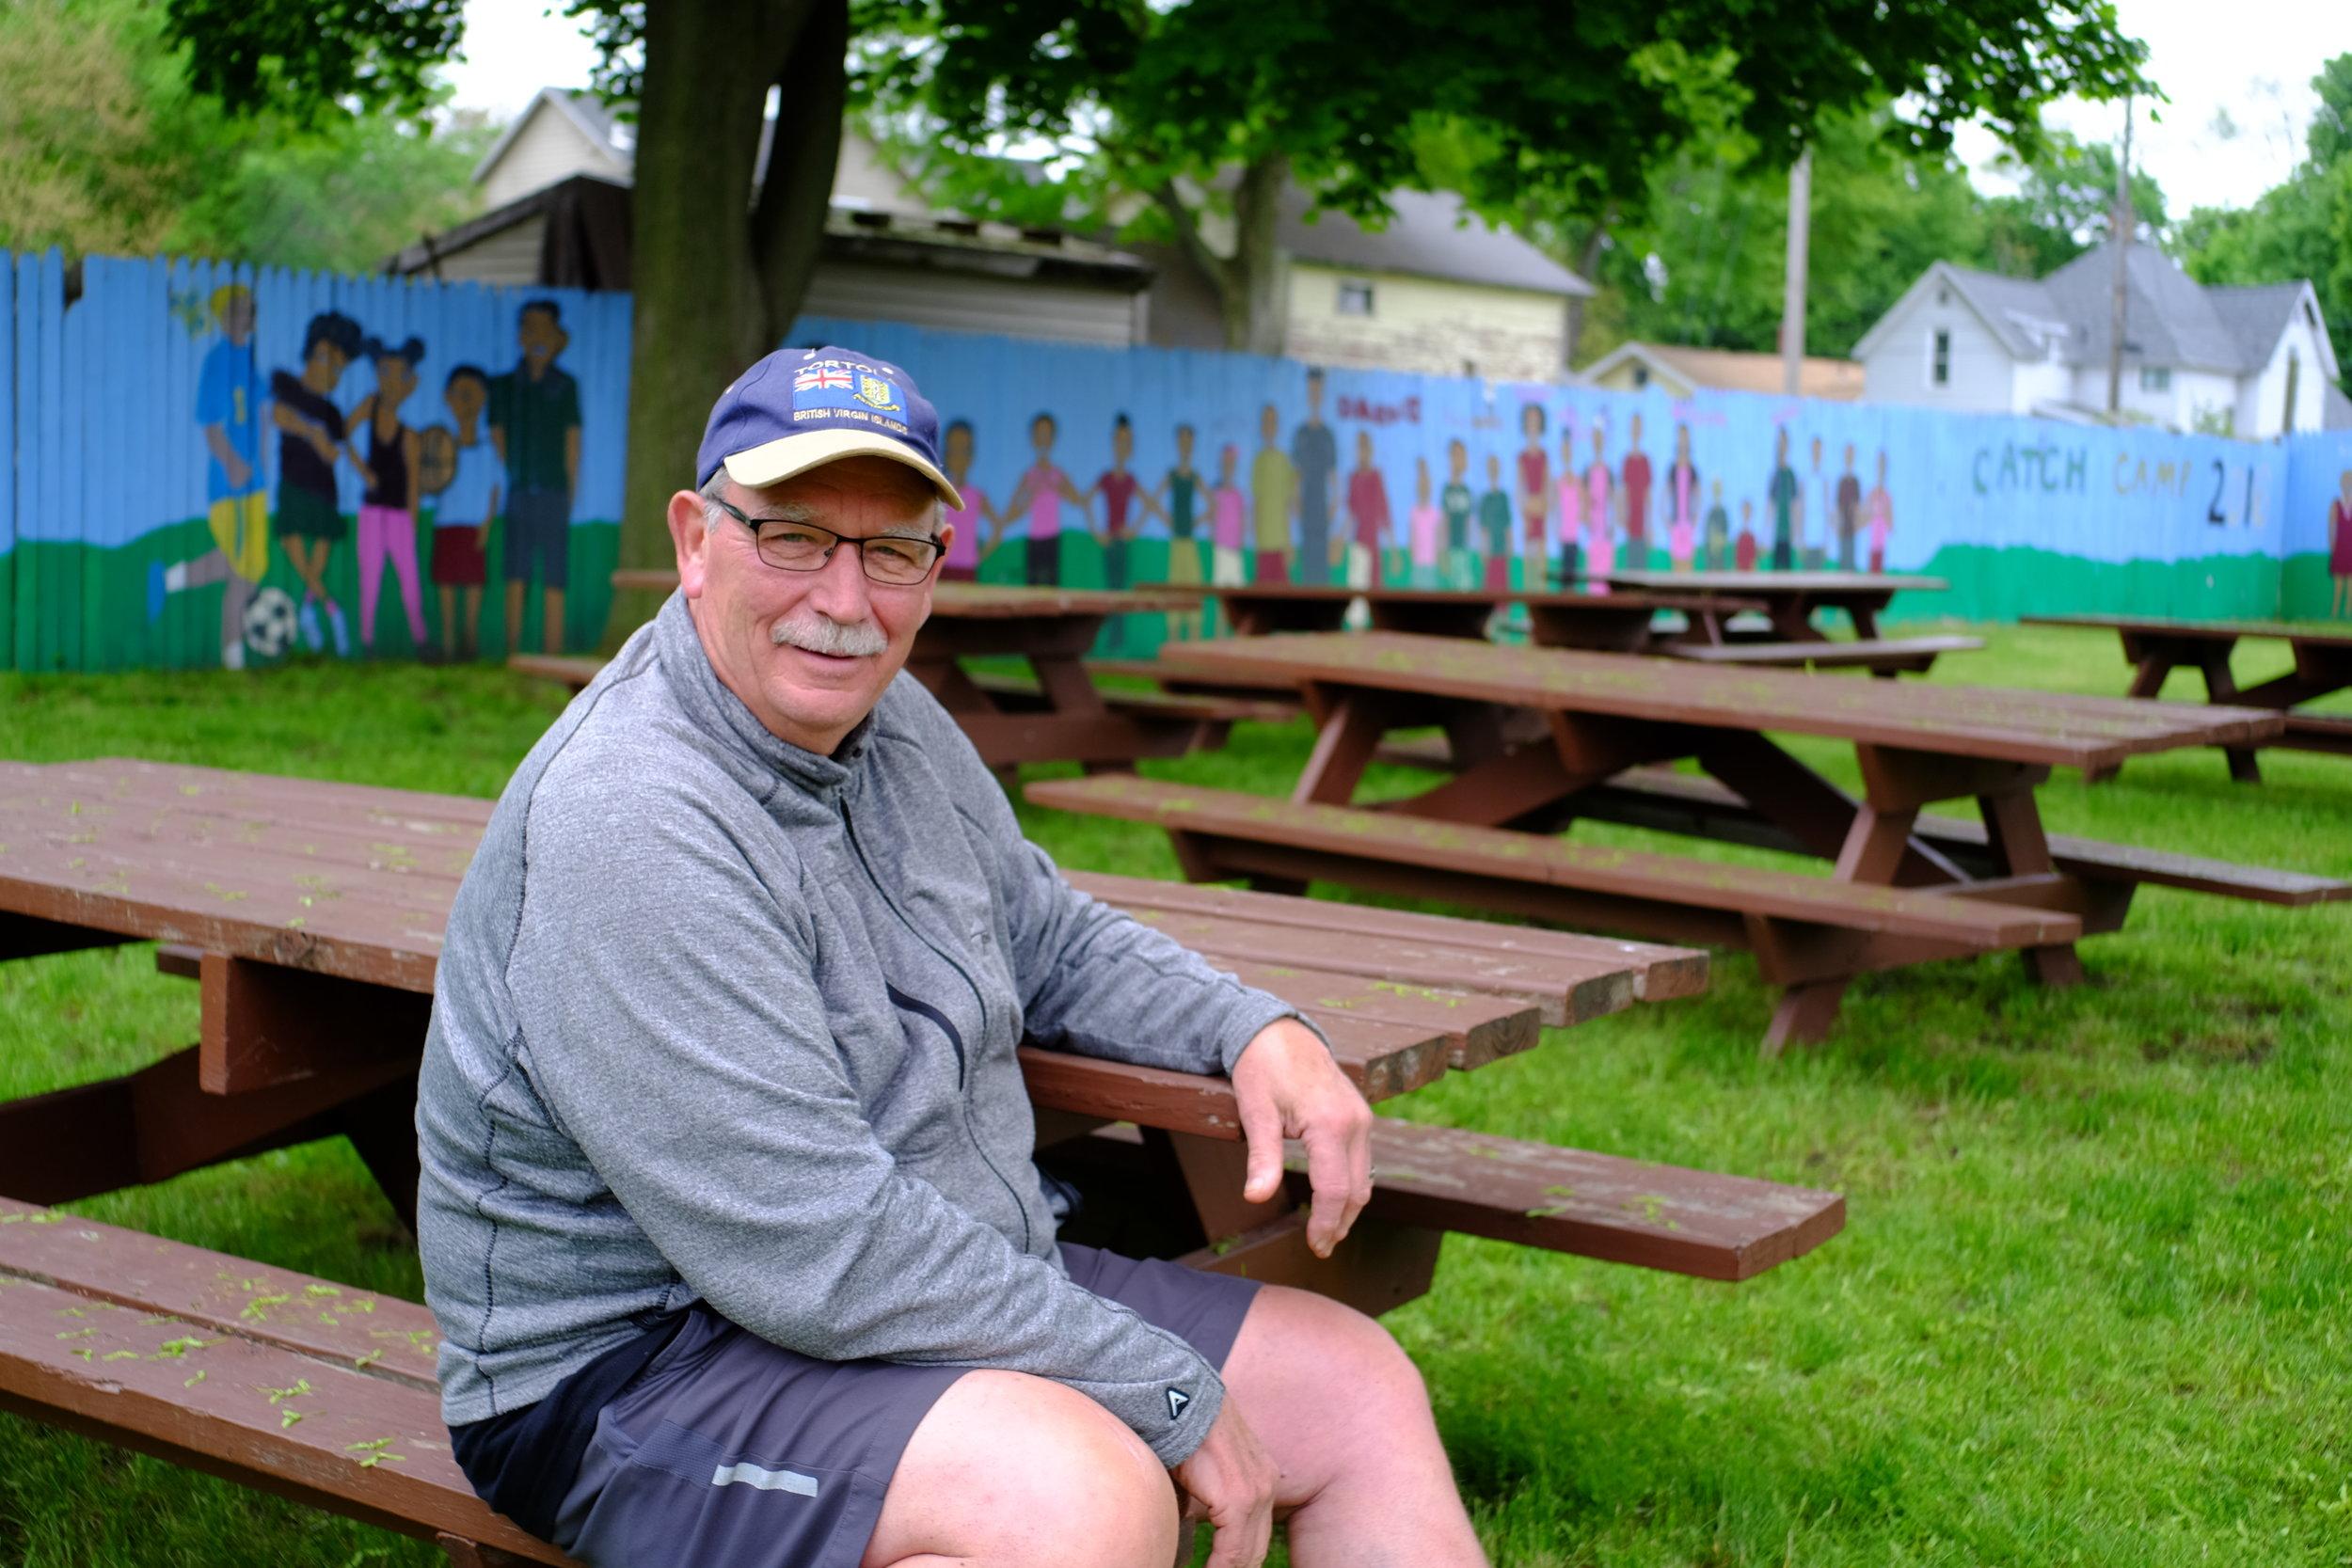 Tom sitting in McLaughlin Park opposite his home on Terrace St.